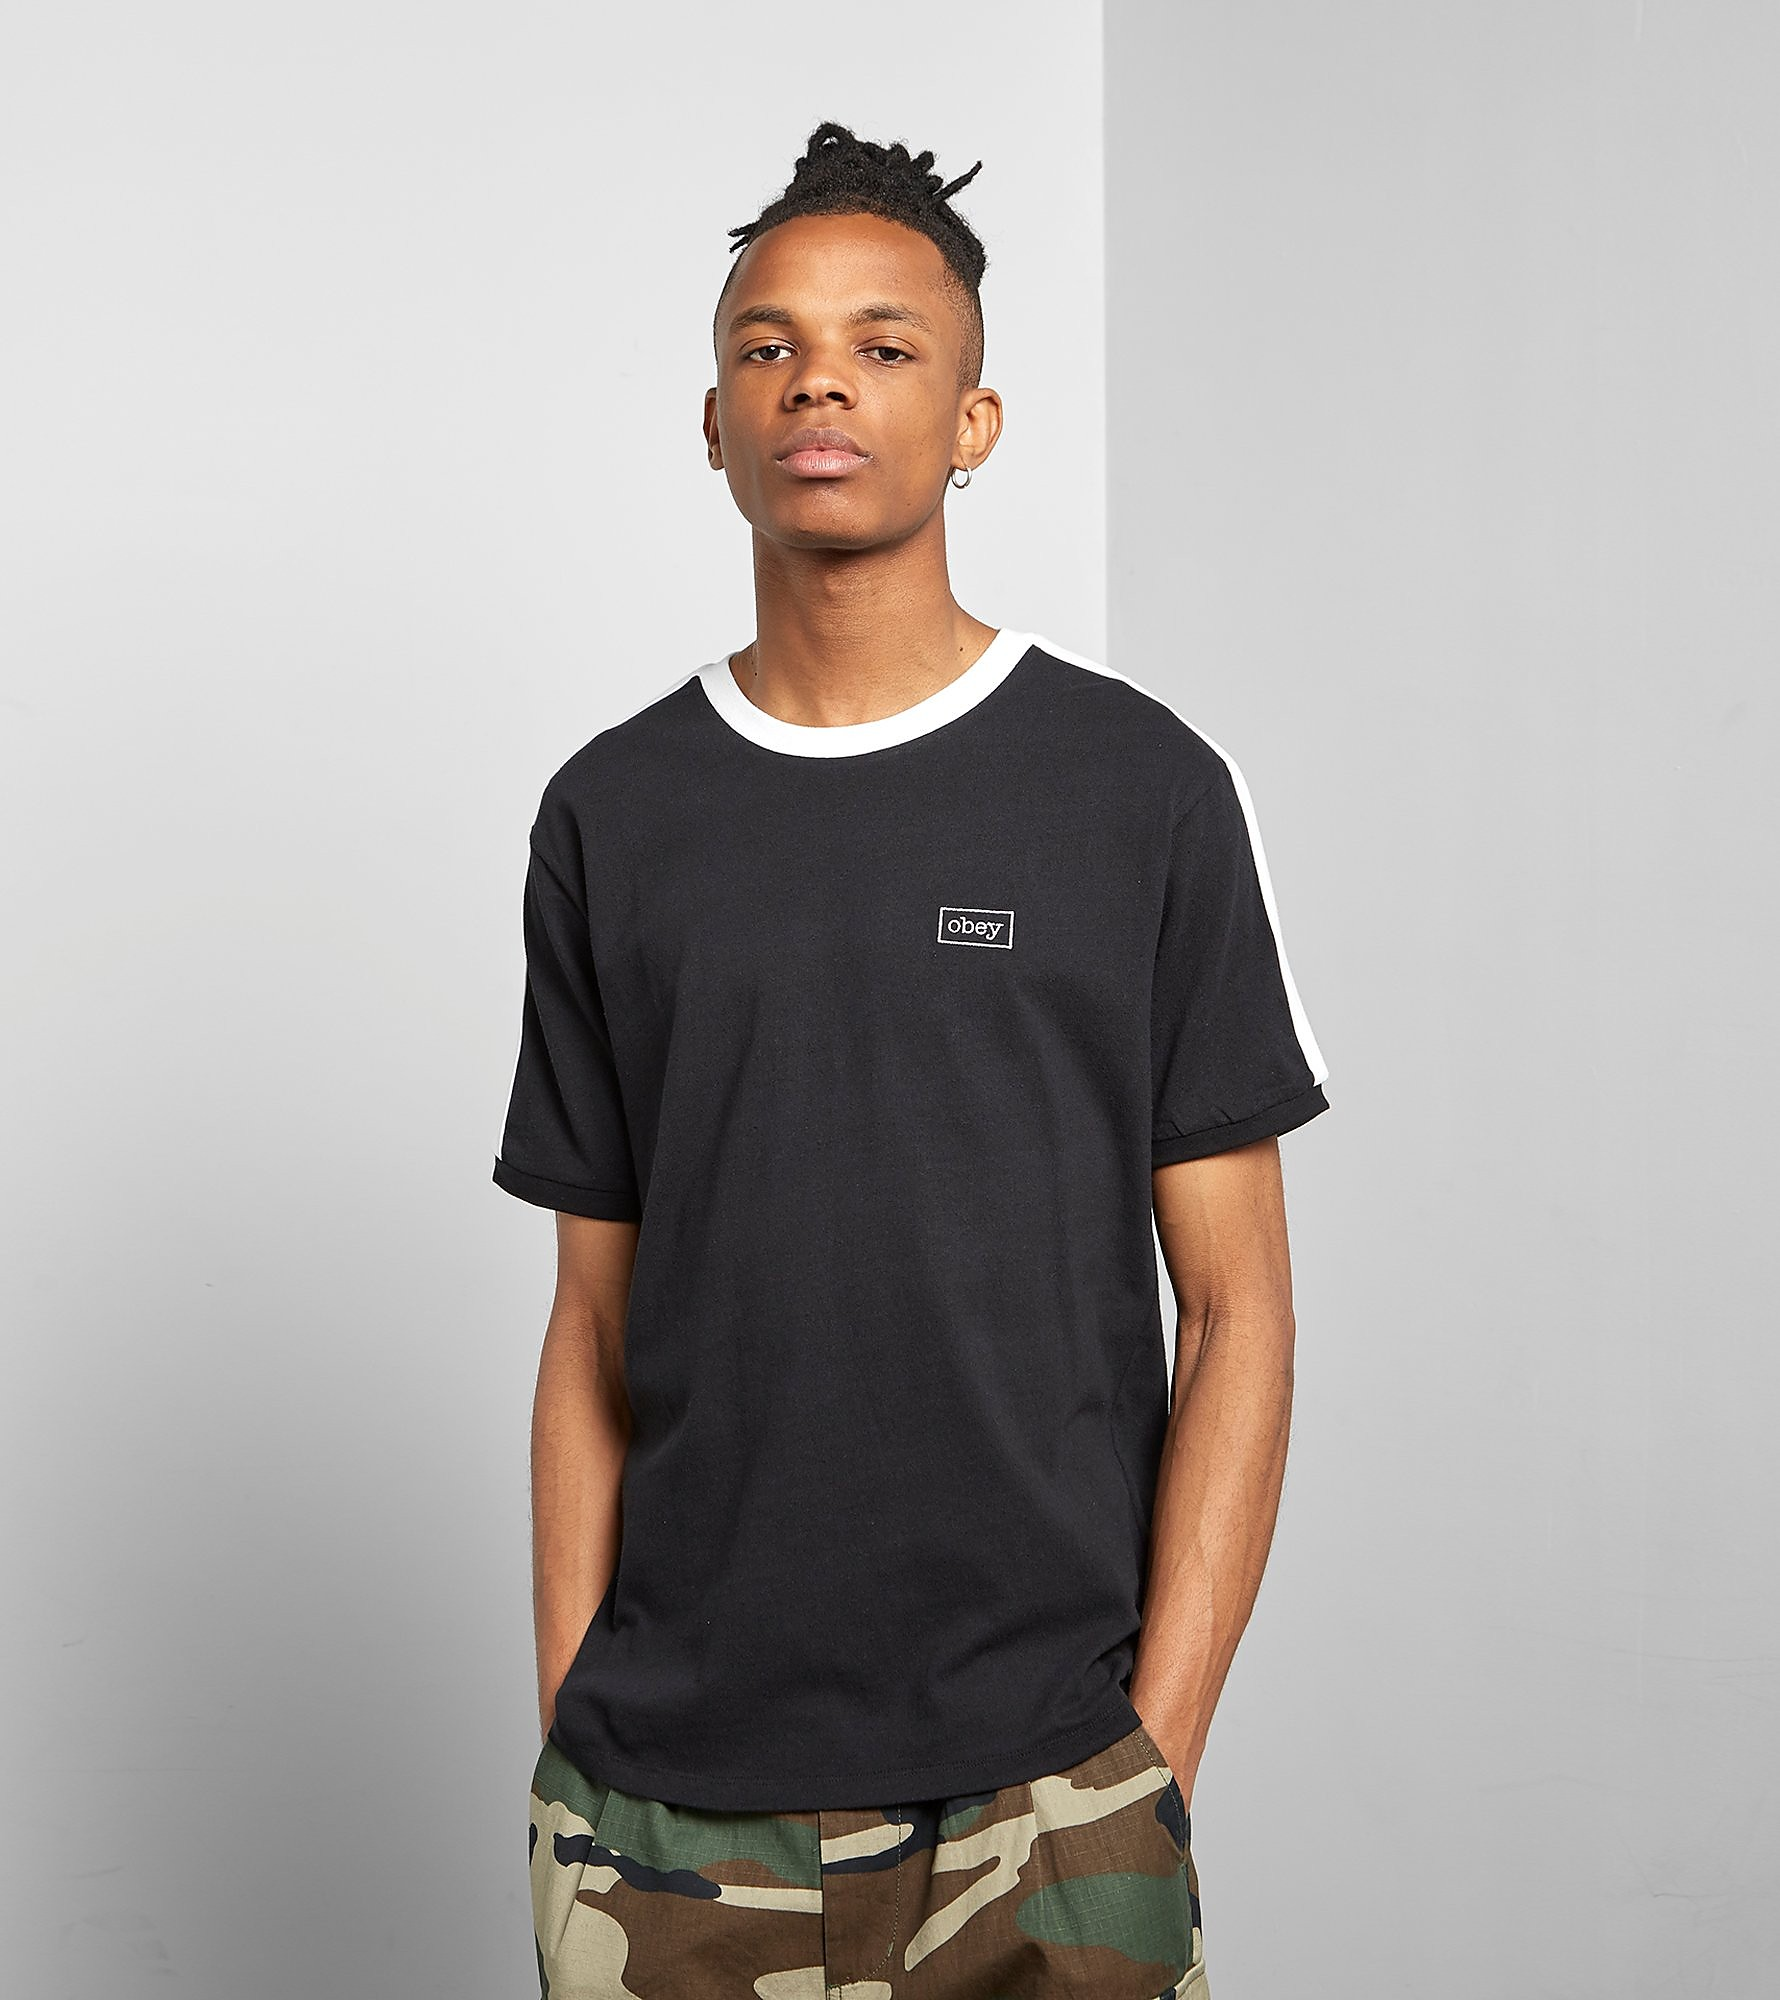 Obey Borstal T-Shirt